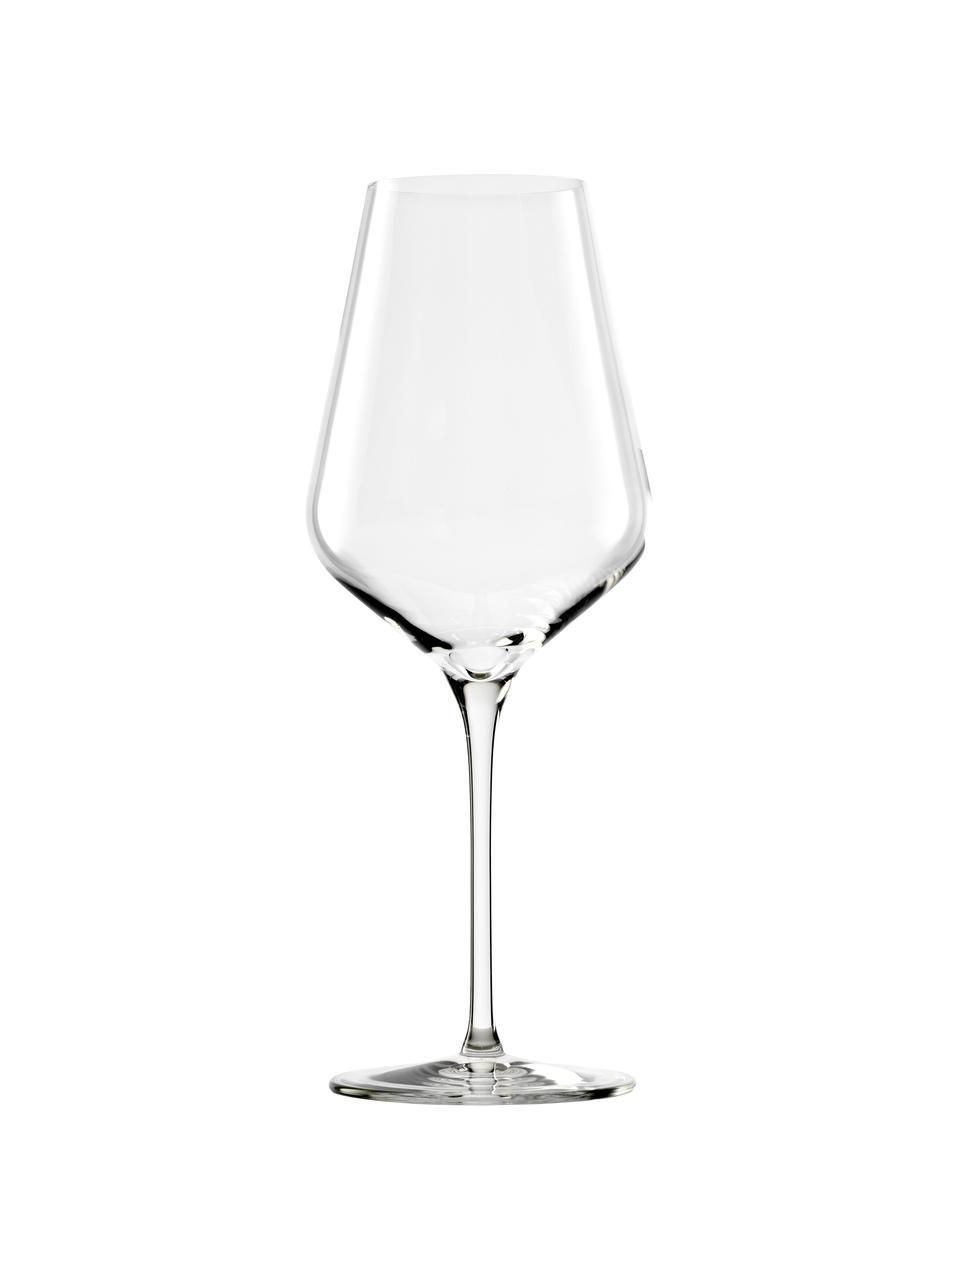 Rode wijnglazen Quatrophil, 6 stuks, Kristalglas, Transparant, Ø 10 x H 25 cm